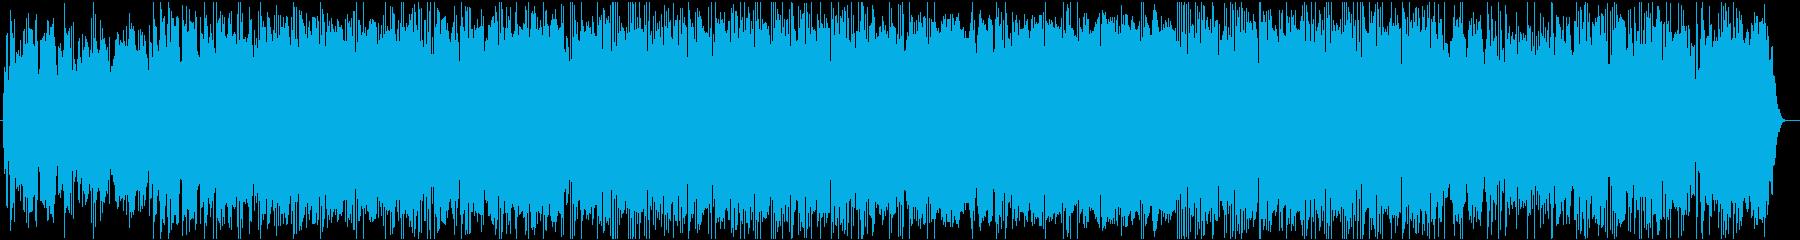 切ない雰囲気のフィーリングミュージックの再生済みの波形